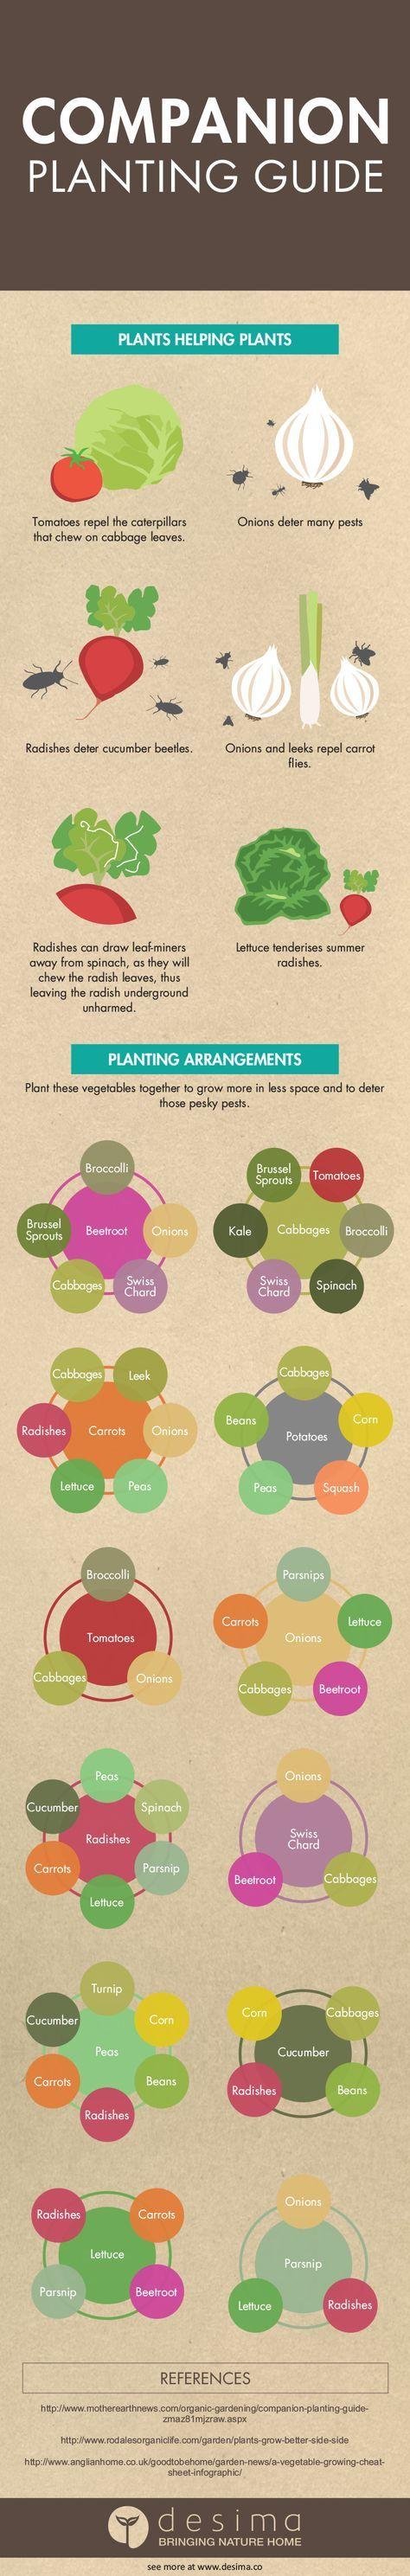 Planting veg layout looks a good idea